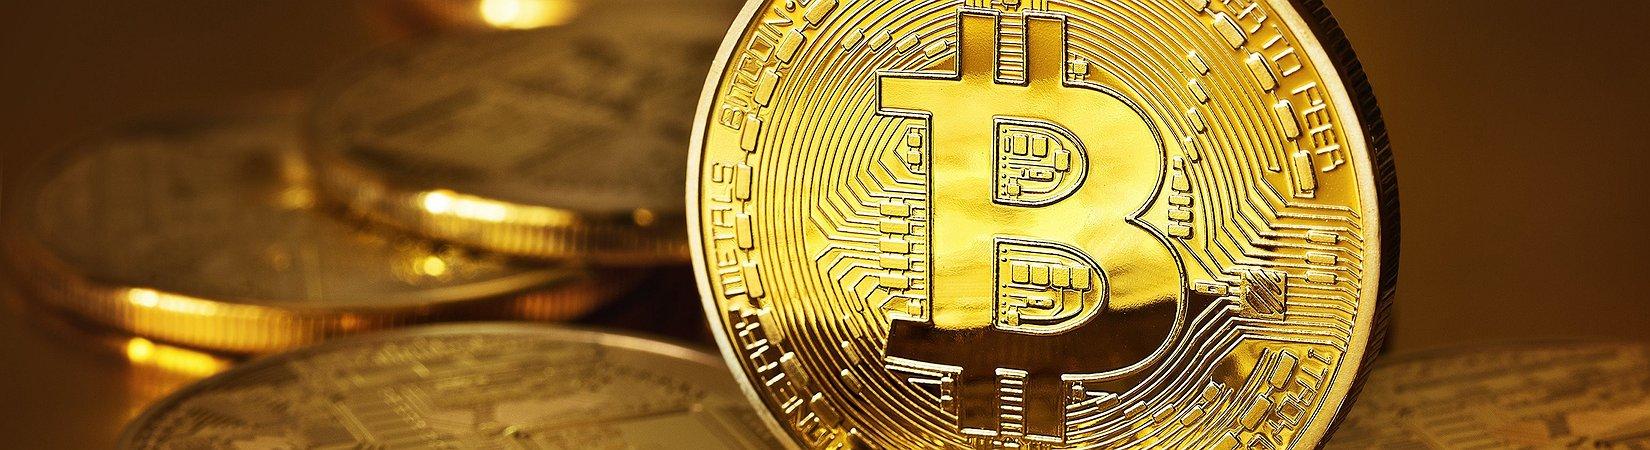 Bitcoin Back Above $10,000